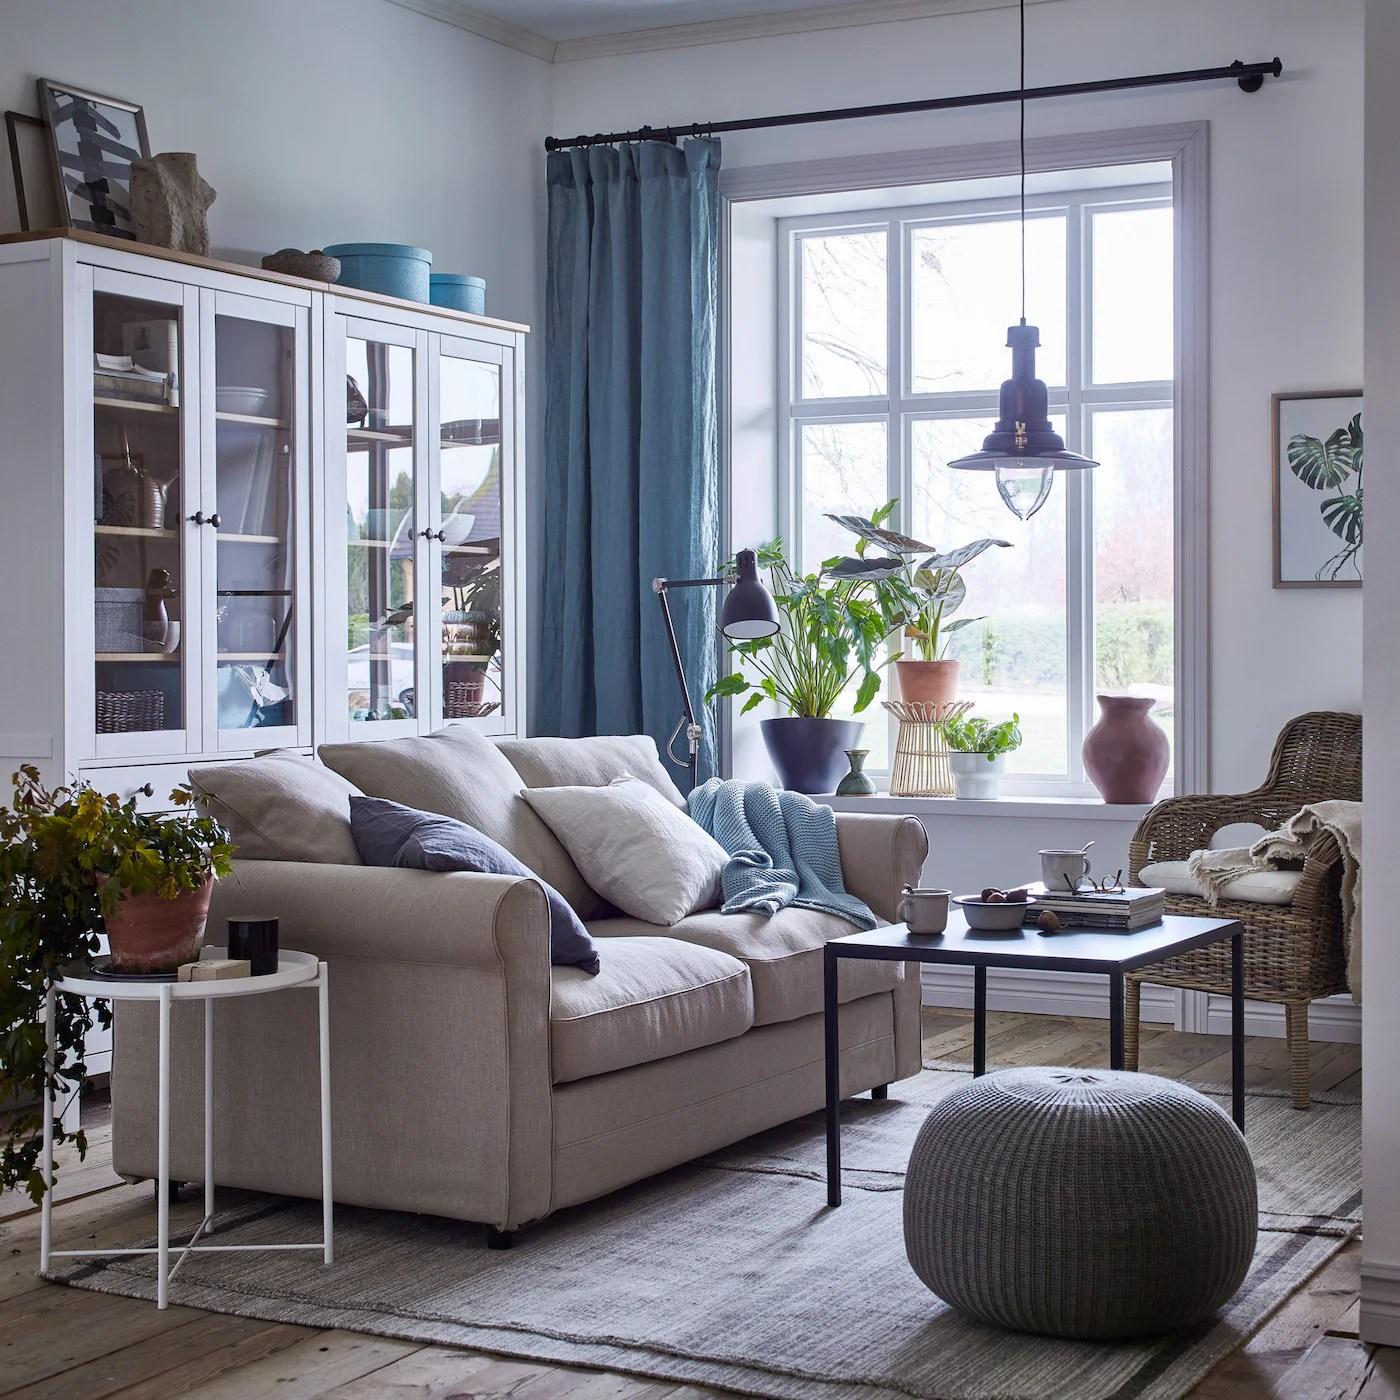 Wohnzimmer für die schönsten gemeinsamen Momente - IKEA Deutschland